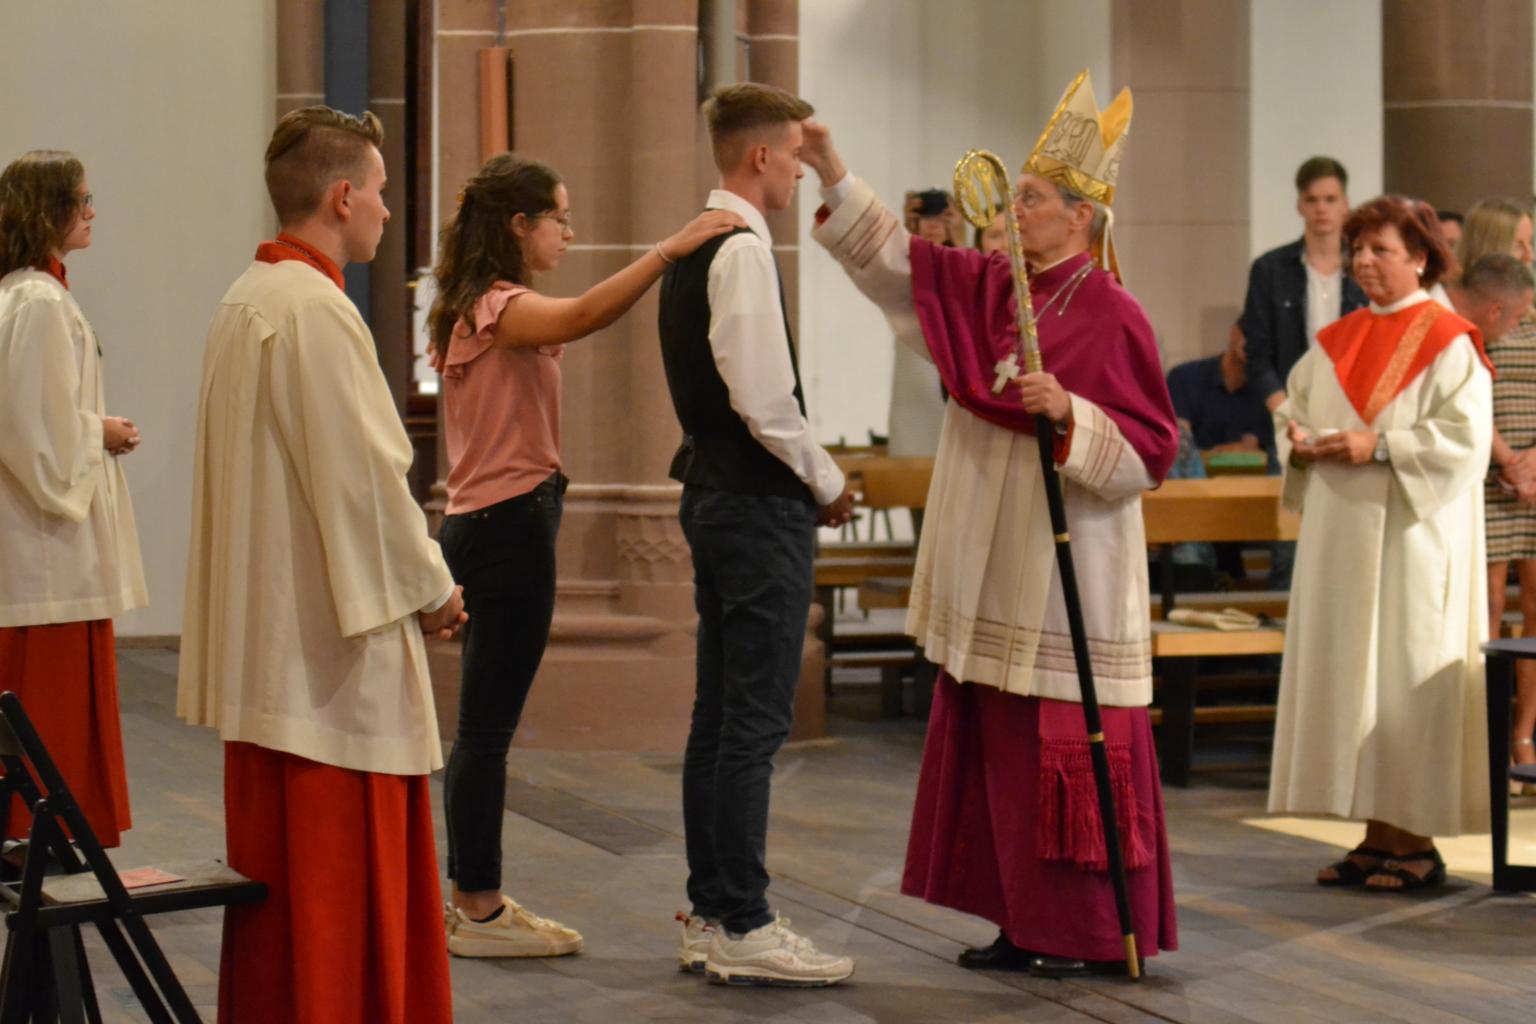 katholische kirche kennenlernen)